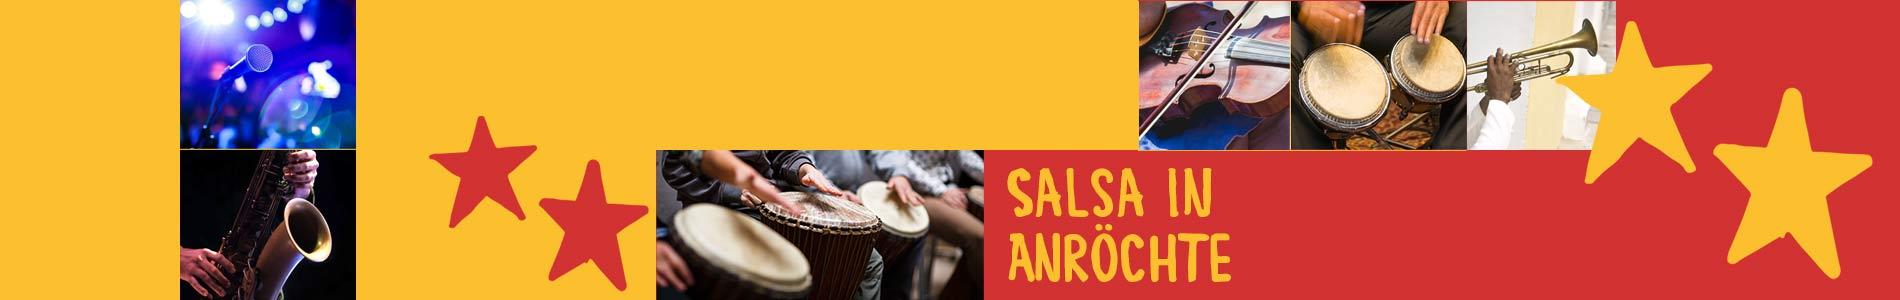 Salsa in Anröchte – Salsa lernen und tanzen, Tanzkurse, Partys, Veranstaltungen